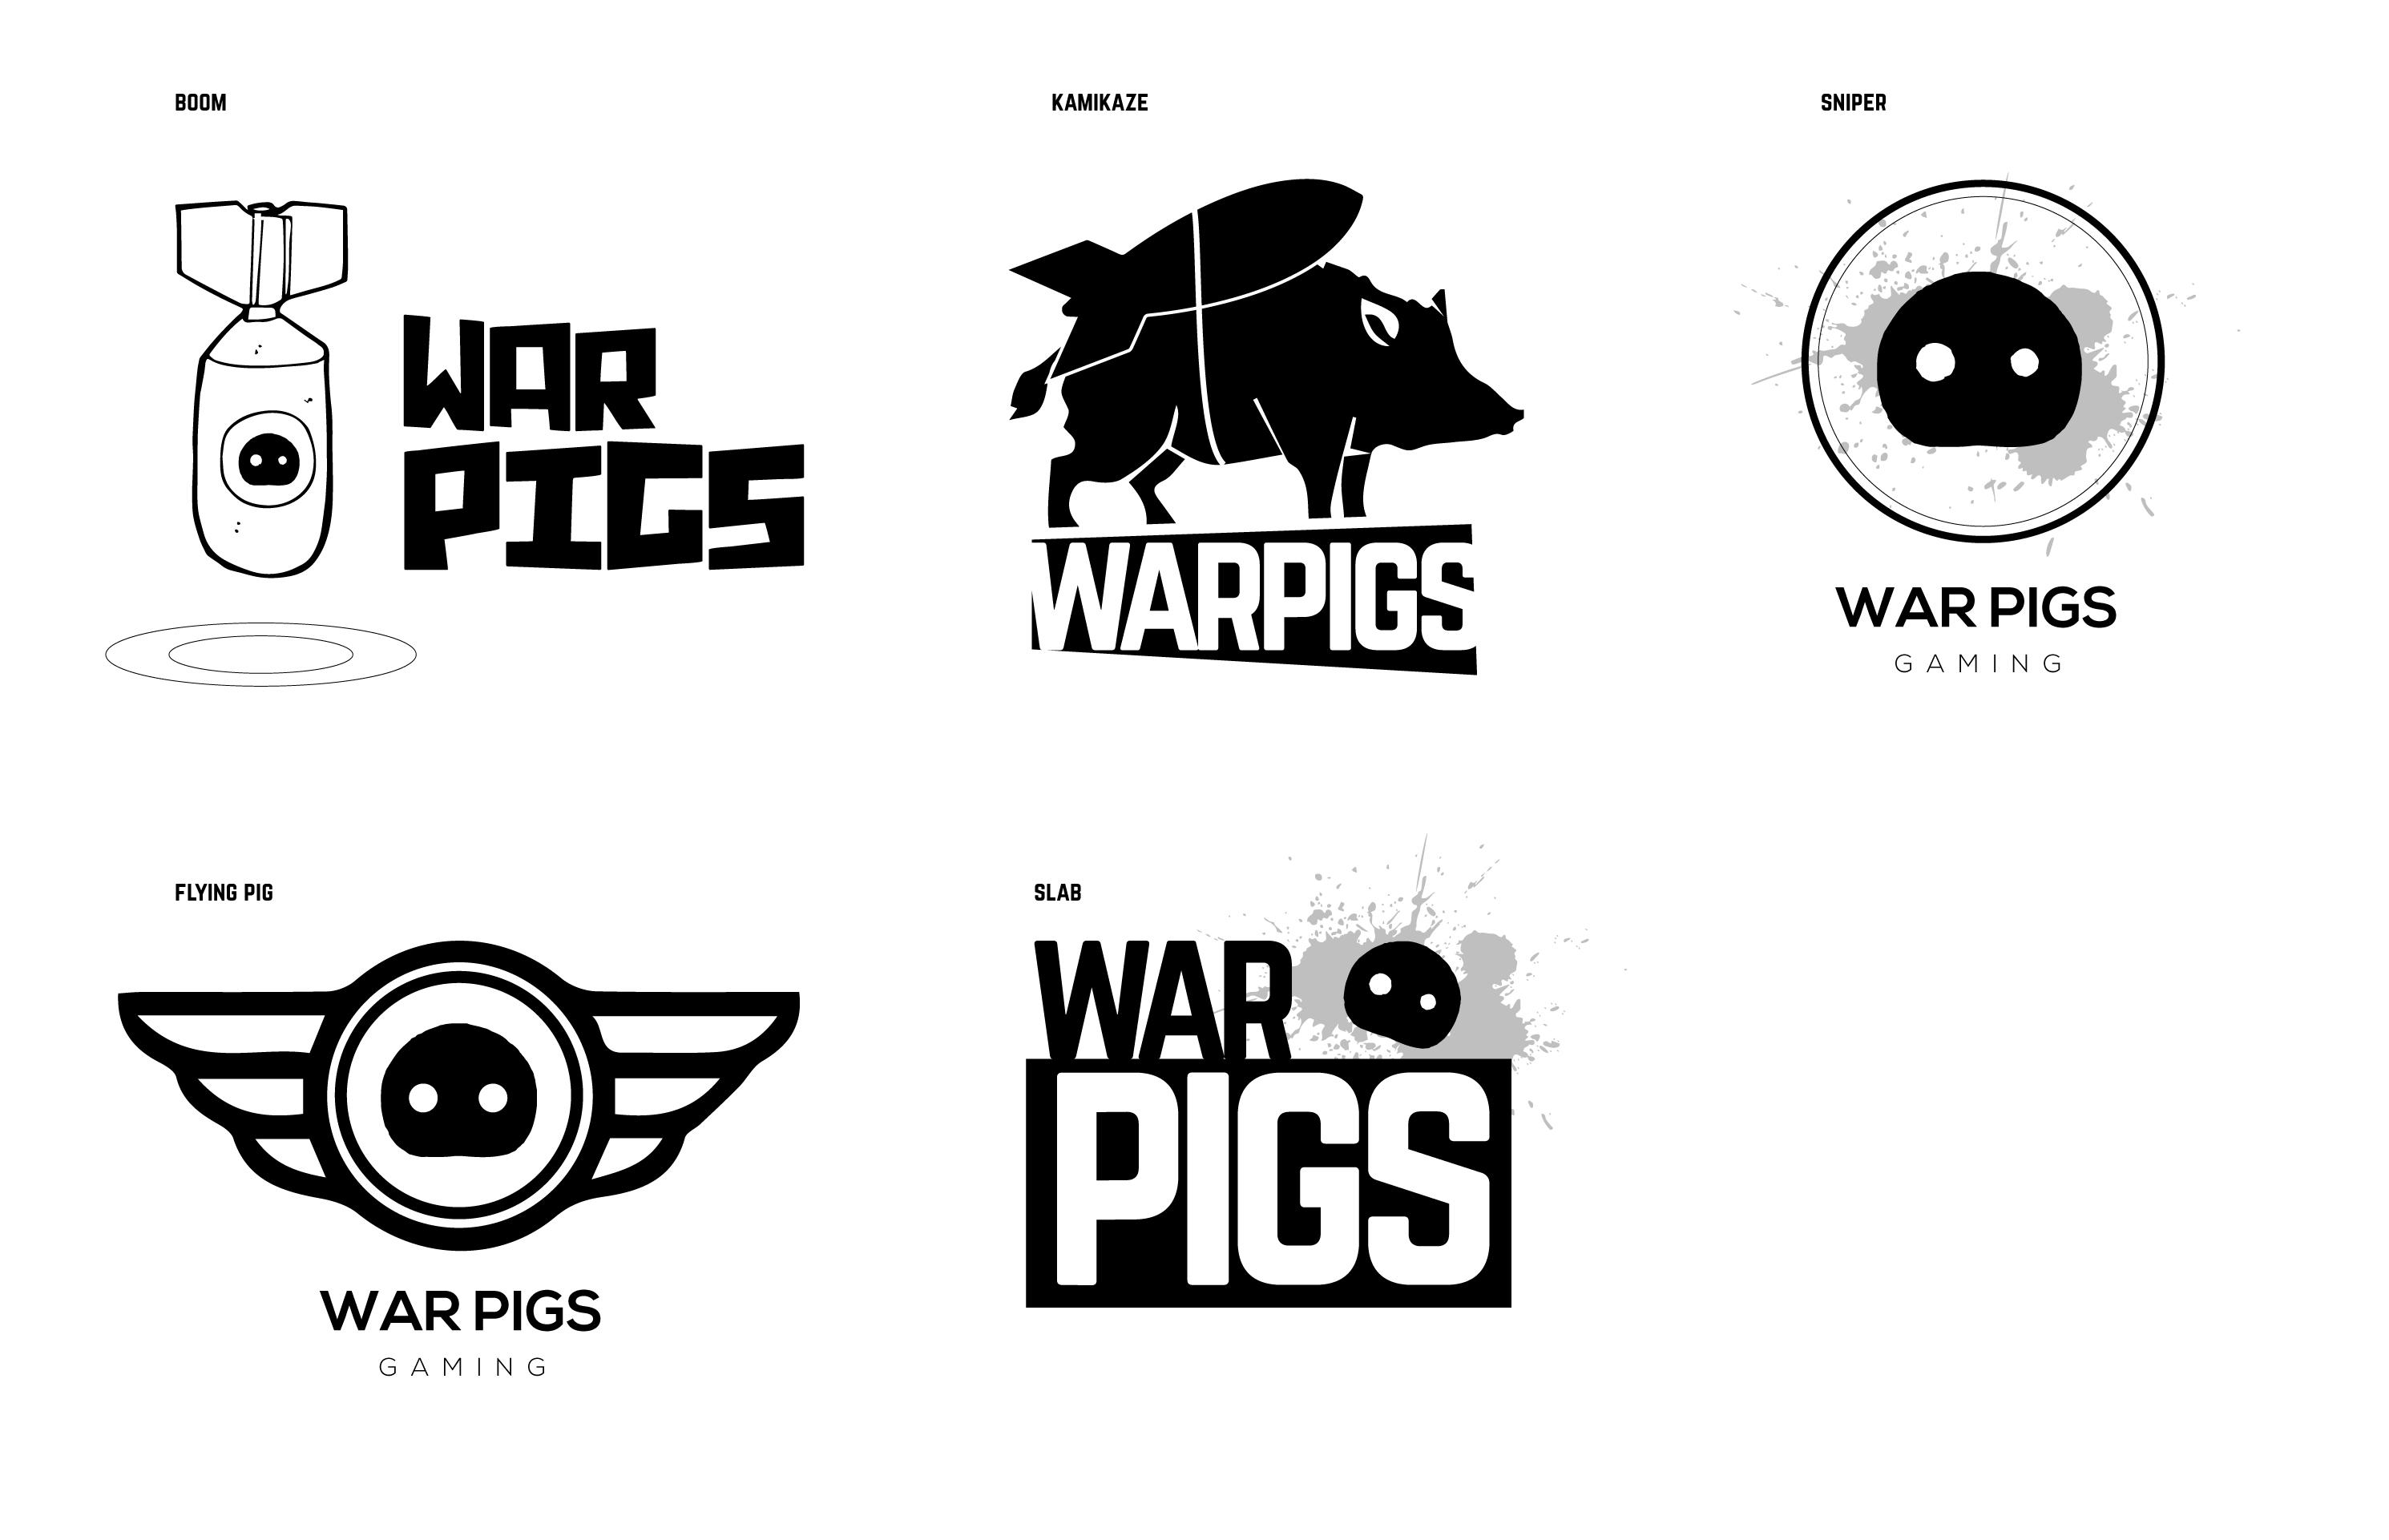 warpigs_concept_2.jpg